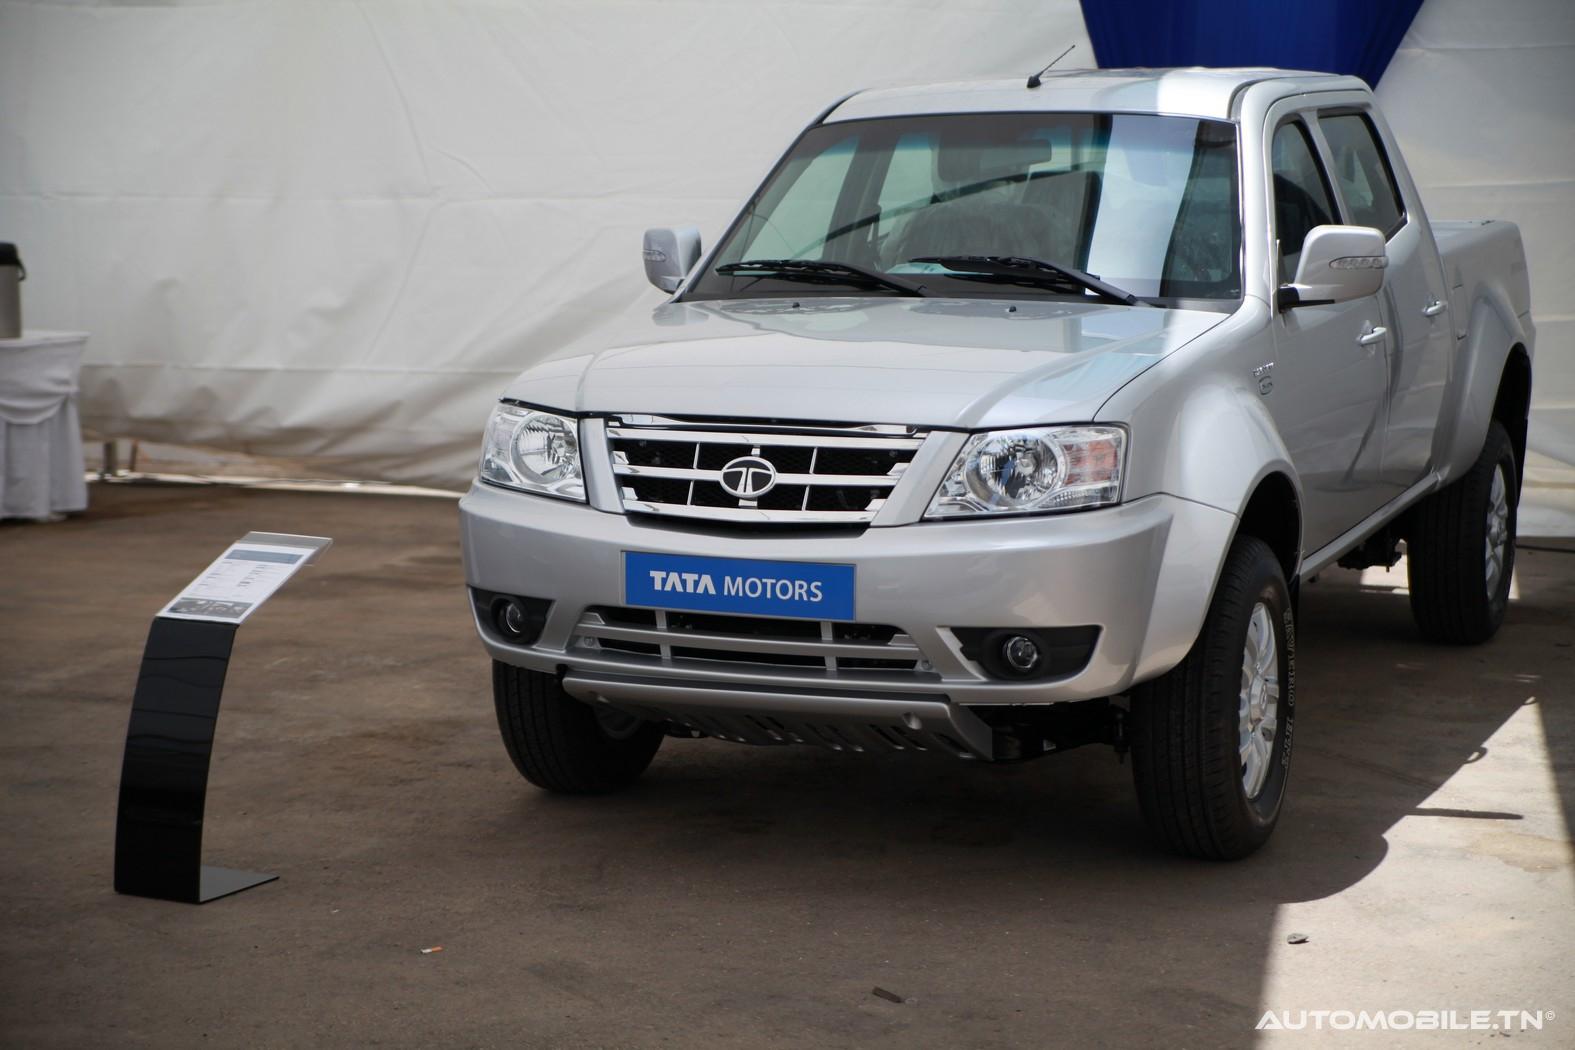 Nouveaut s tata motors le g ant automobile indien en for Salon 9 places tunisie